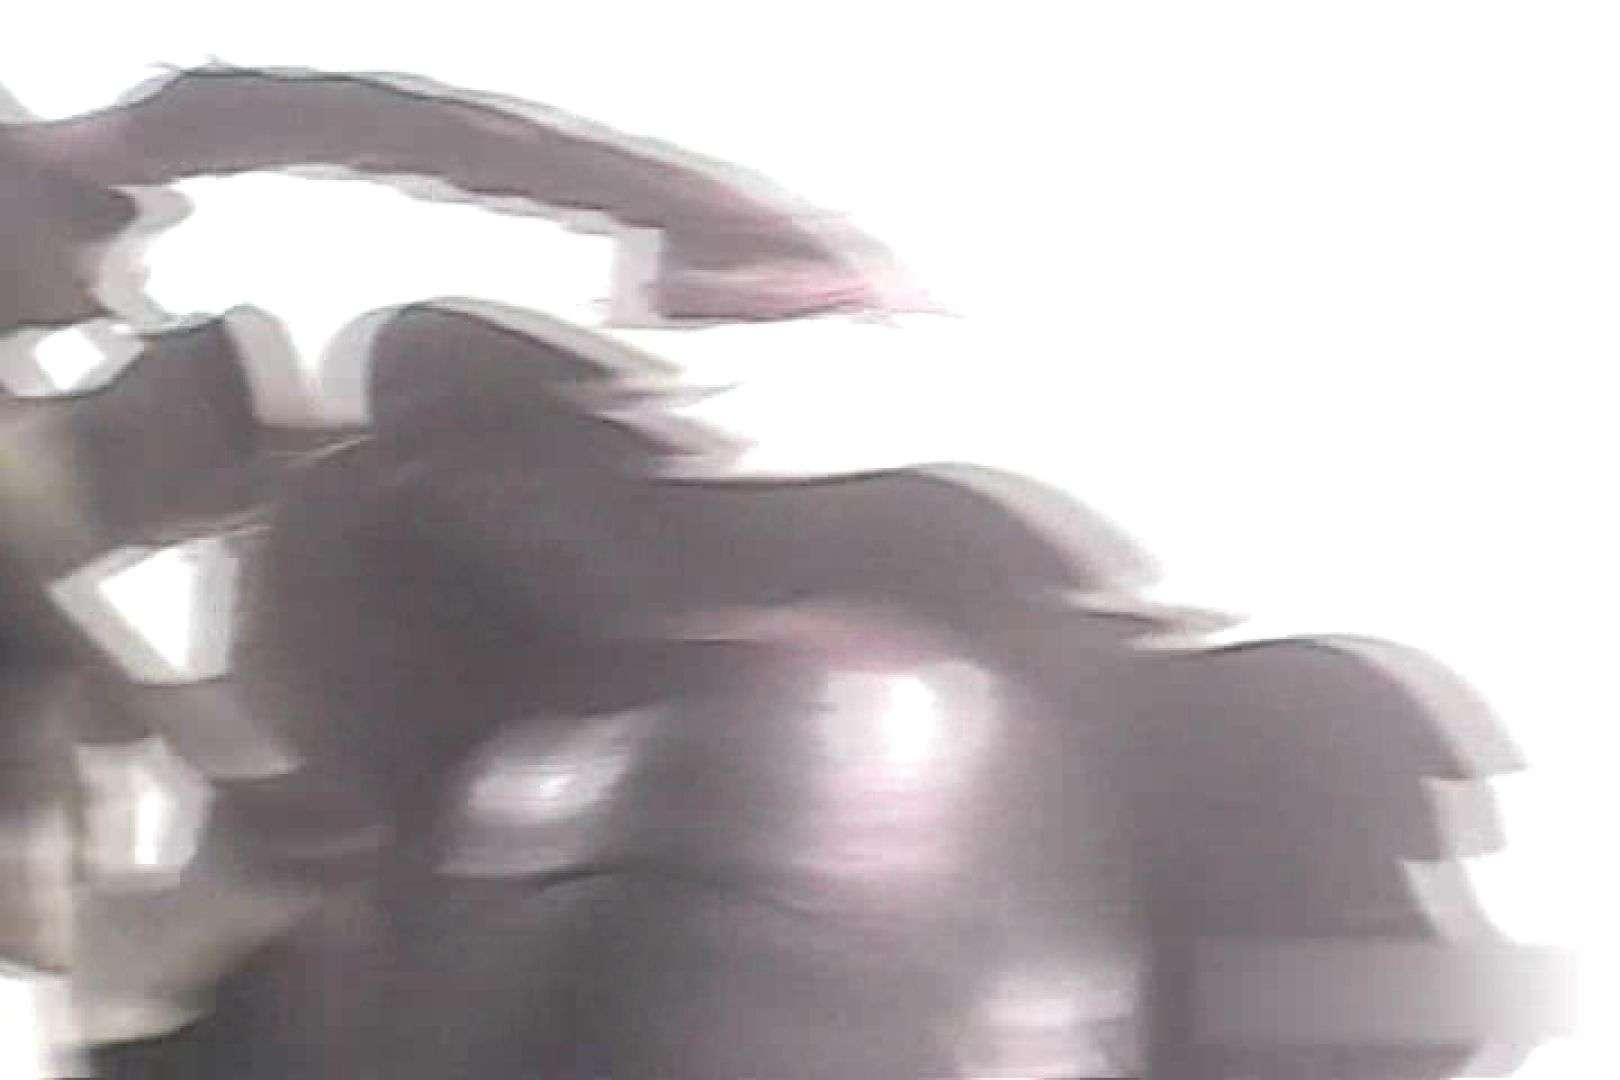 ショップ店員のパンチラアクシデント Vol.17 パンチラ SEX無修正画像 93PIX 51